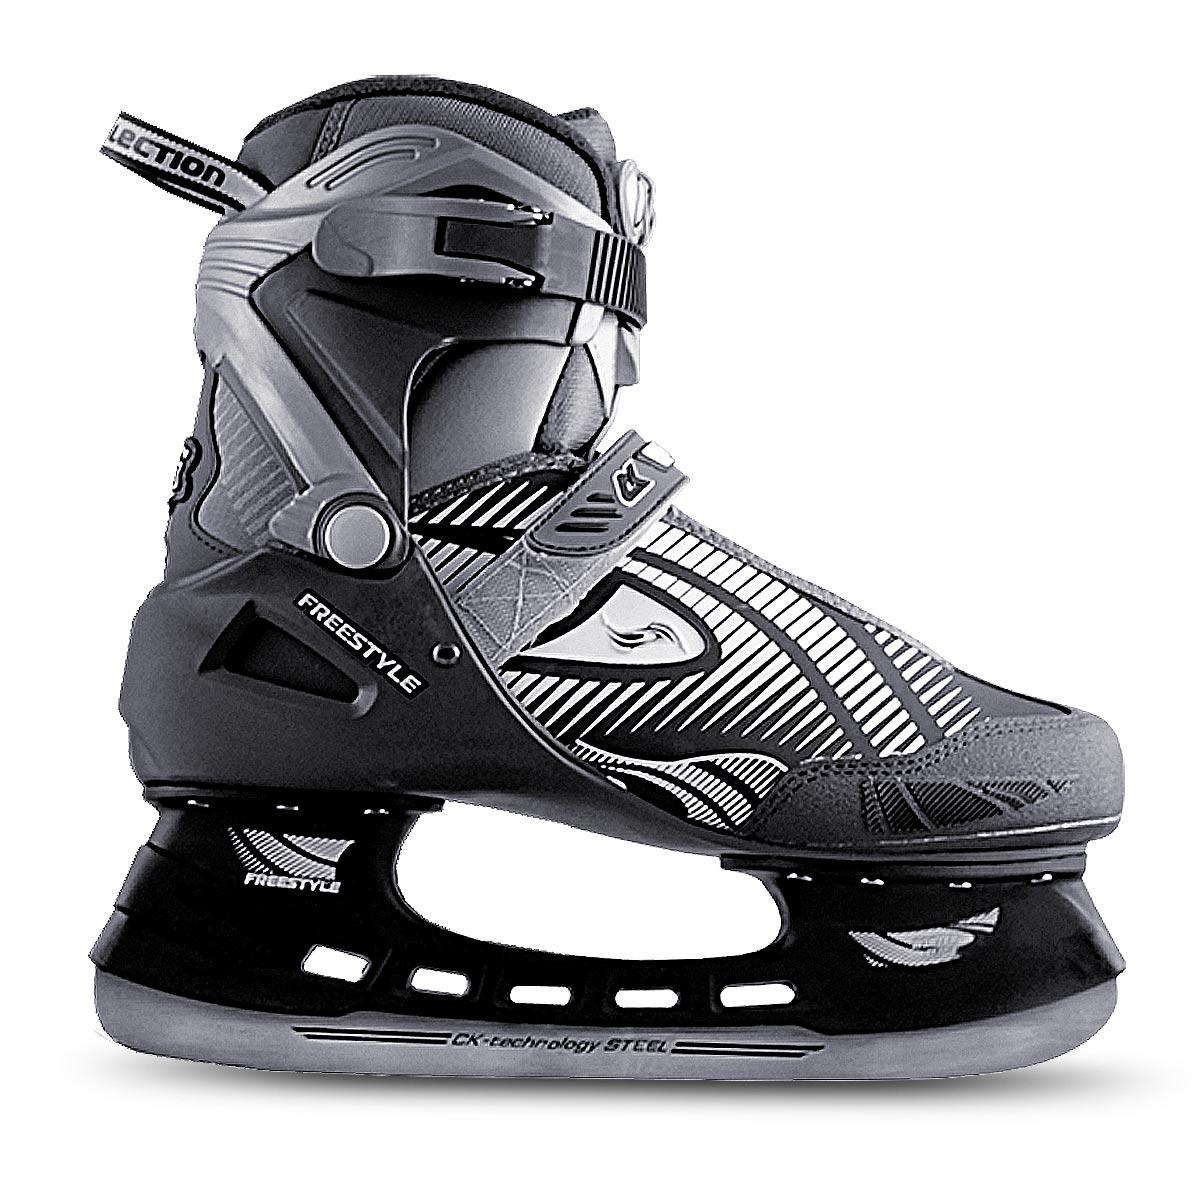 Коньки хоккейные мужские СК Freestyle, цвет: серый, черный. Размер 44FREESTYLE_серый, черный_44Оригинальные мужские коньки от CK Freestyle с ударопрочной защитной конструкцией прекрасно подойдут для начинающих игроков в хоккей. Сапожок, выполненный из комбинации ПВХ, морозостойкой искусственной кожи, нейлона и капровелюра, обеспечит тепло и комфорт во время катания. Внутренний слой изготовлен из фланелета, а стелька - из текстиля. Пластиковая бакля и шнуровка с фиксатором, а также хлястик на липучке надежно фиксируют голеностоп. Плотный мысок и усиленный задник оберегают ногу от ушибов. Фигурное лезвие изготовлено из углеродистой нержавеющей стали со специальным покрытием, придающим дополнительную прочность.Изделие по верху декорировано оригинальным принтом и тиснением в виде логотипа бренда. Задняя часть коньков дополнена широким ярлычком для более удобного надевания обуви. Стильные коньки придутся вам по душе.